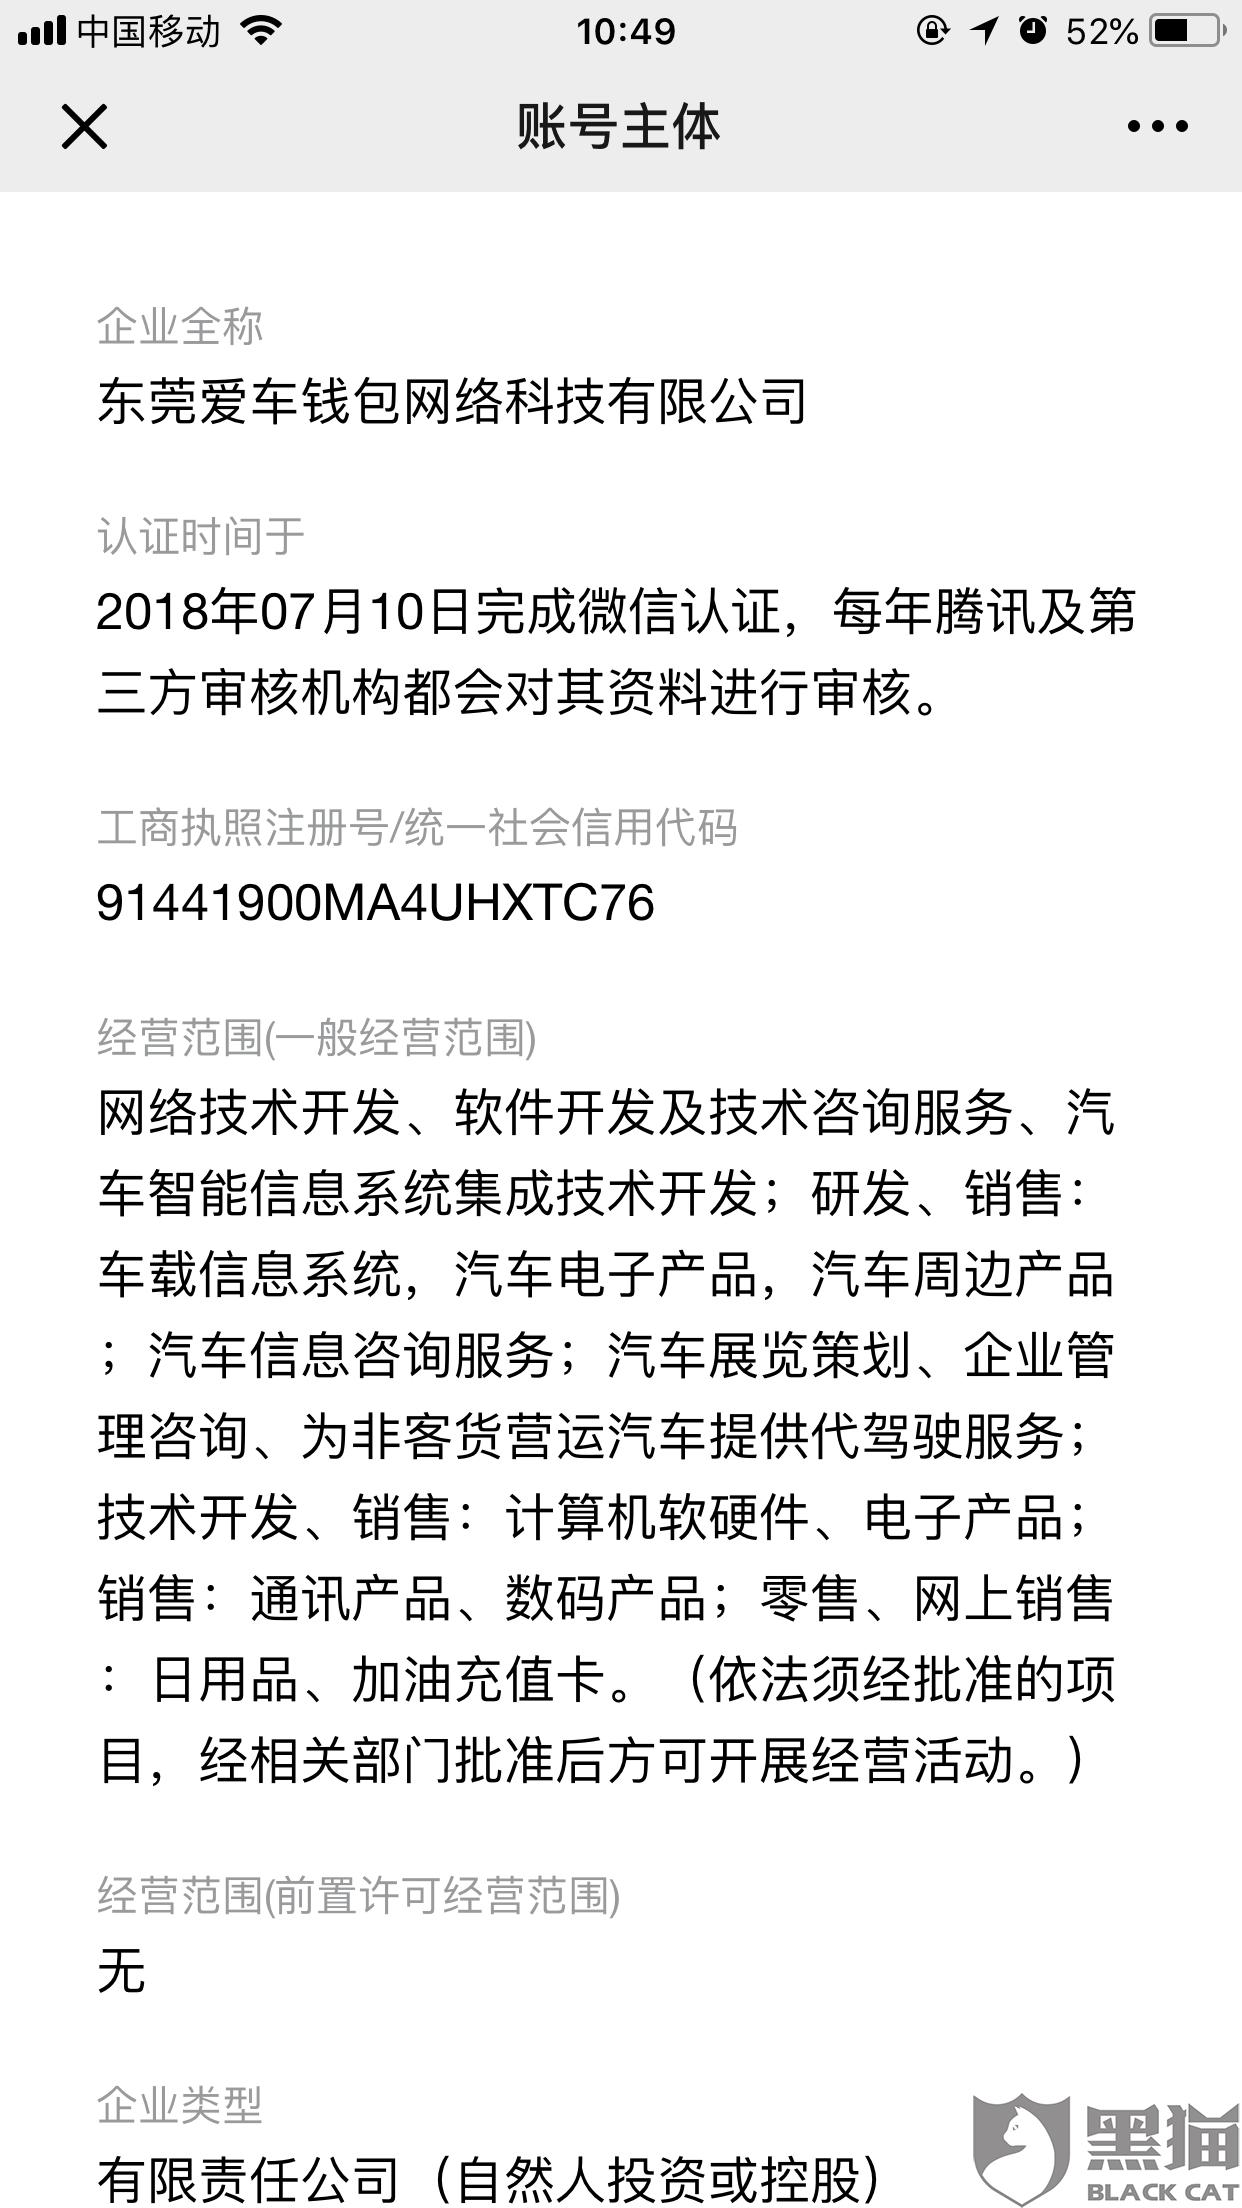 黑猫投诉:平安车险赠送油卡,2.20充值300元至今未到账